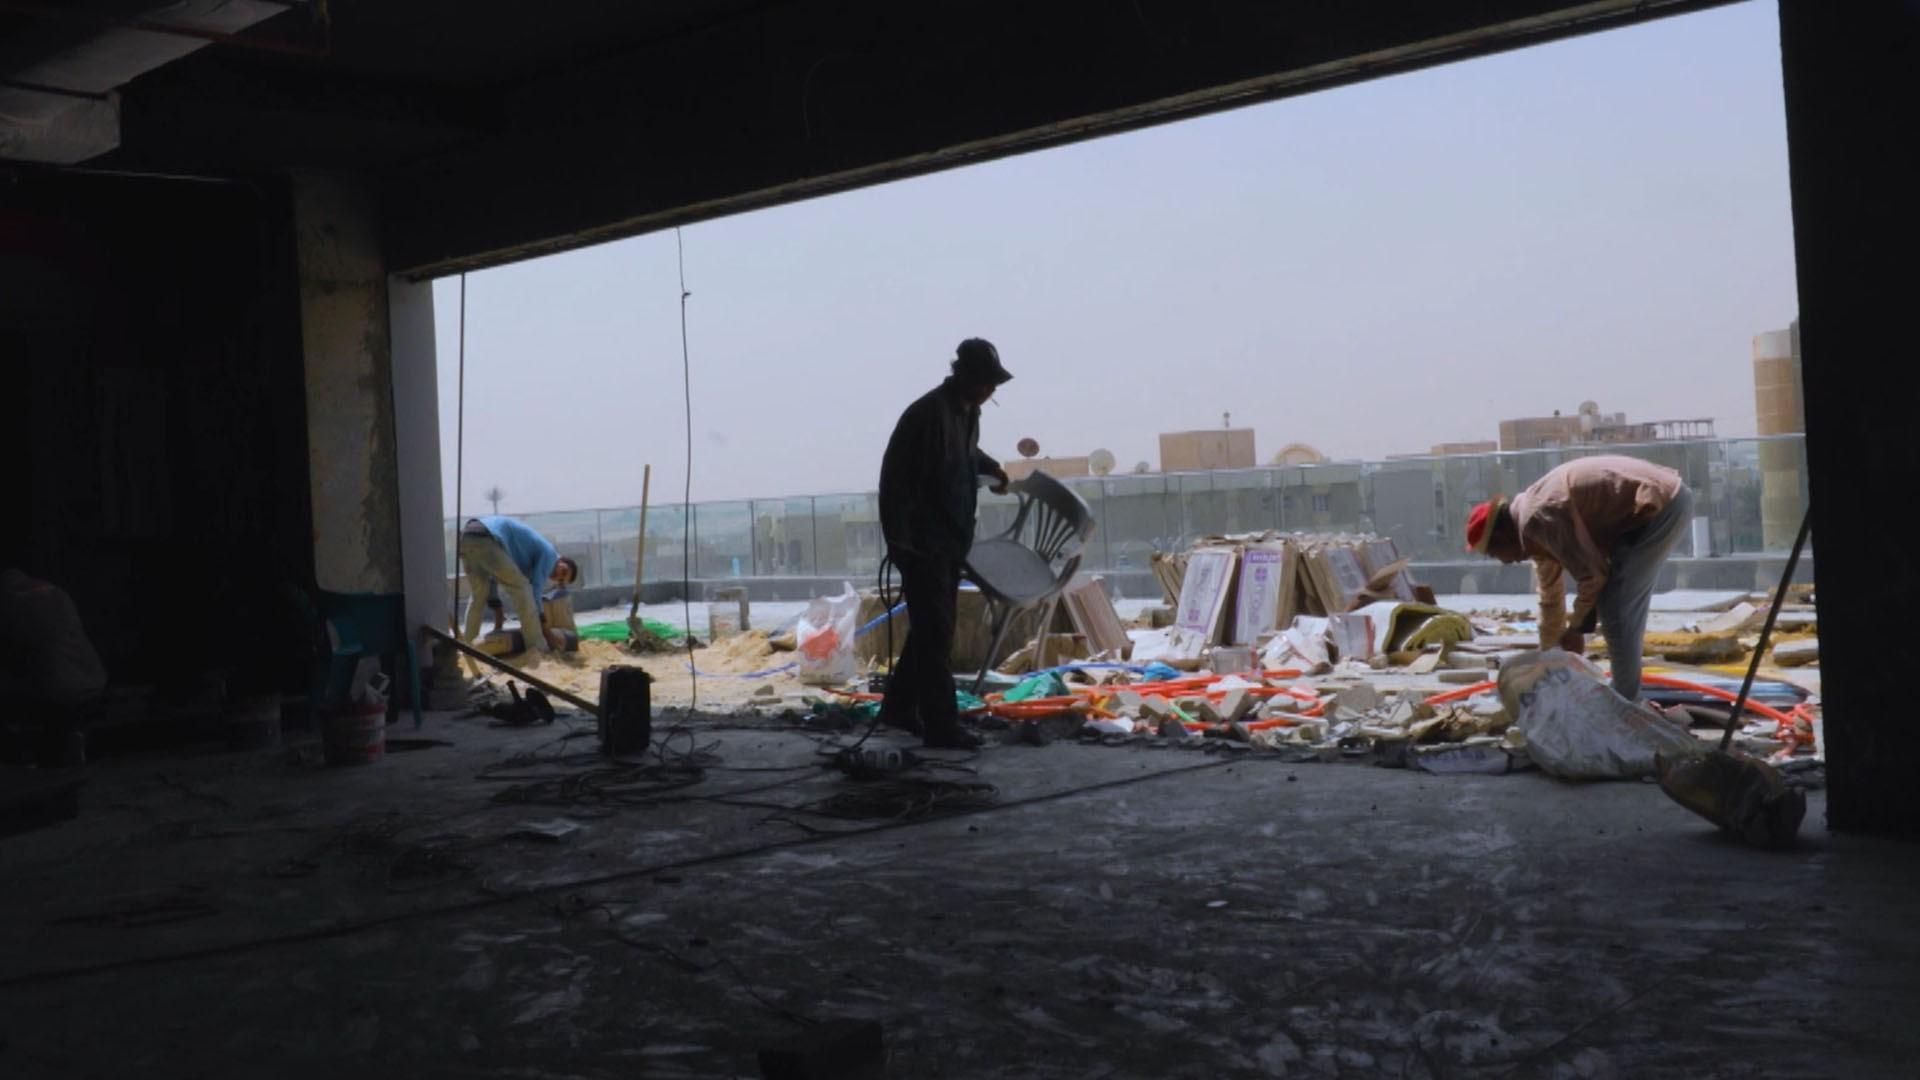 مصر .. مصير مجهول لعمال اليومية بسبب فيروس كورونا